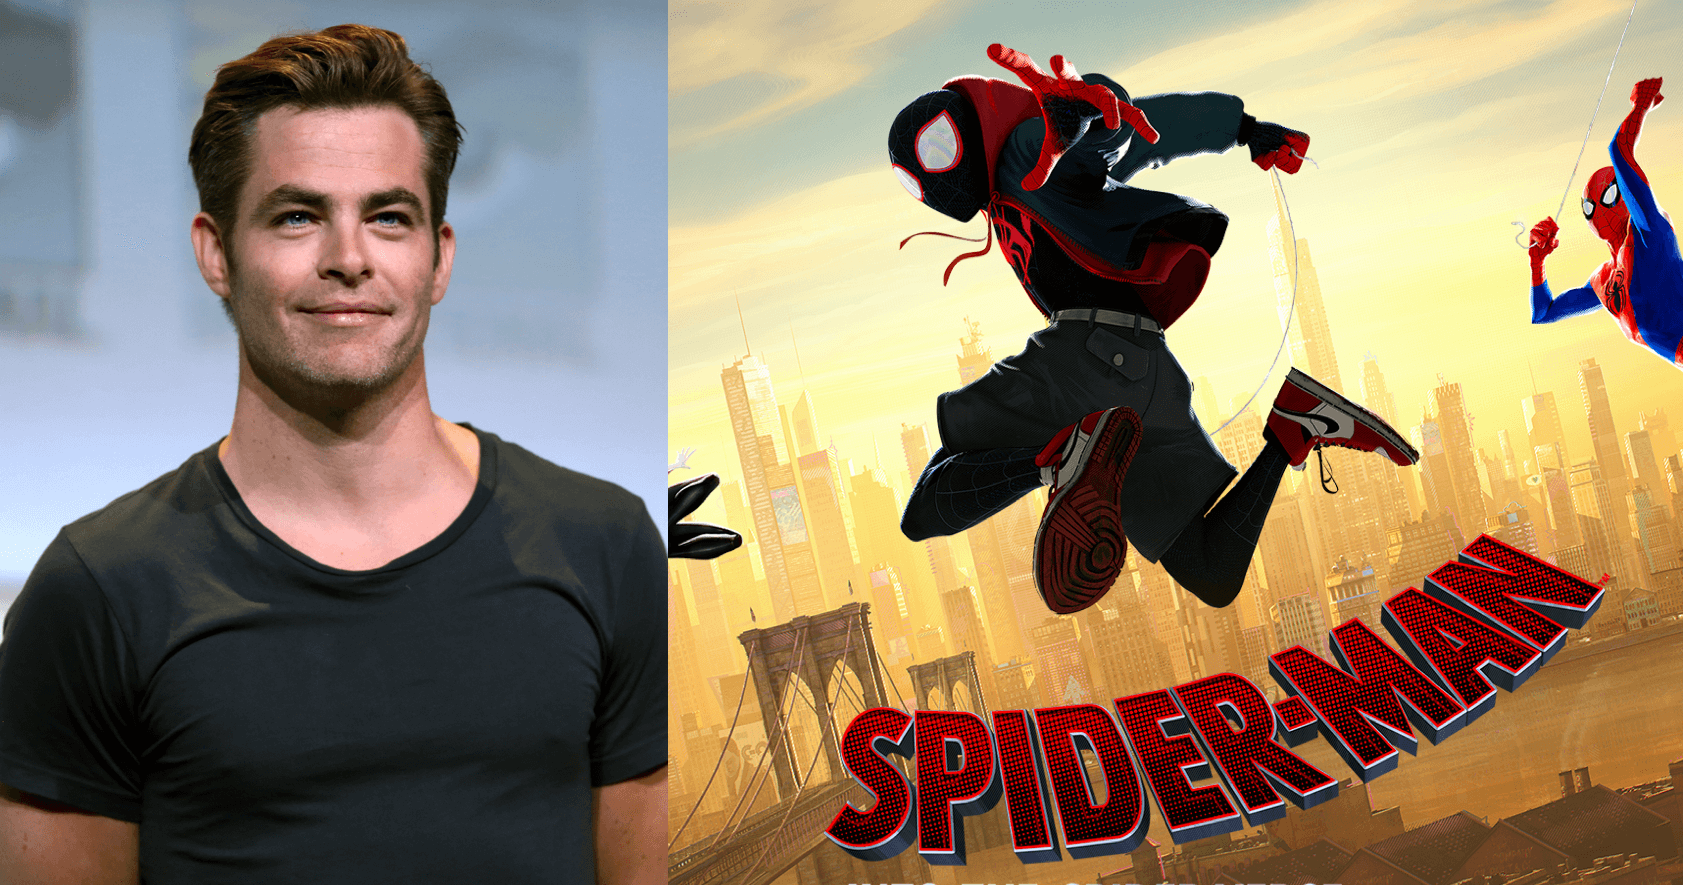 跨宇宙演出!克里斯潘恩是漫威《蜘蛛人:新宇宙》的驚喜客串角色首圖